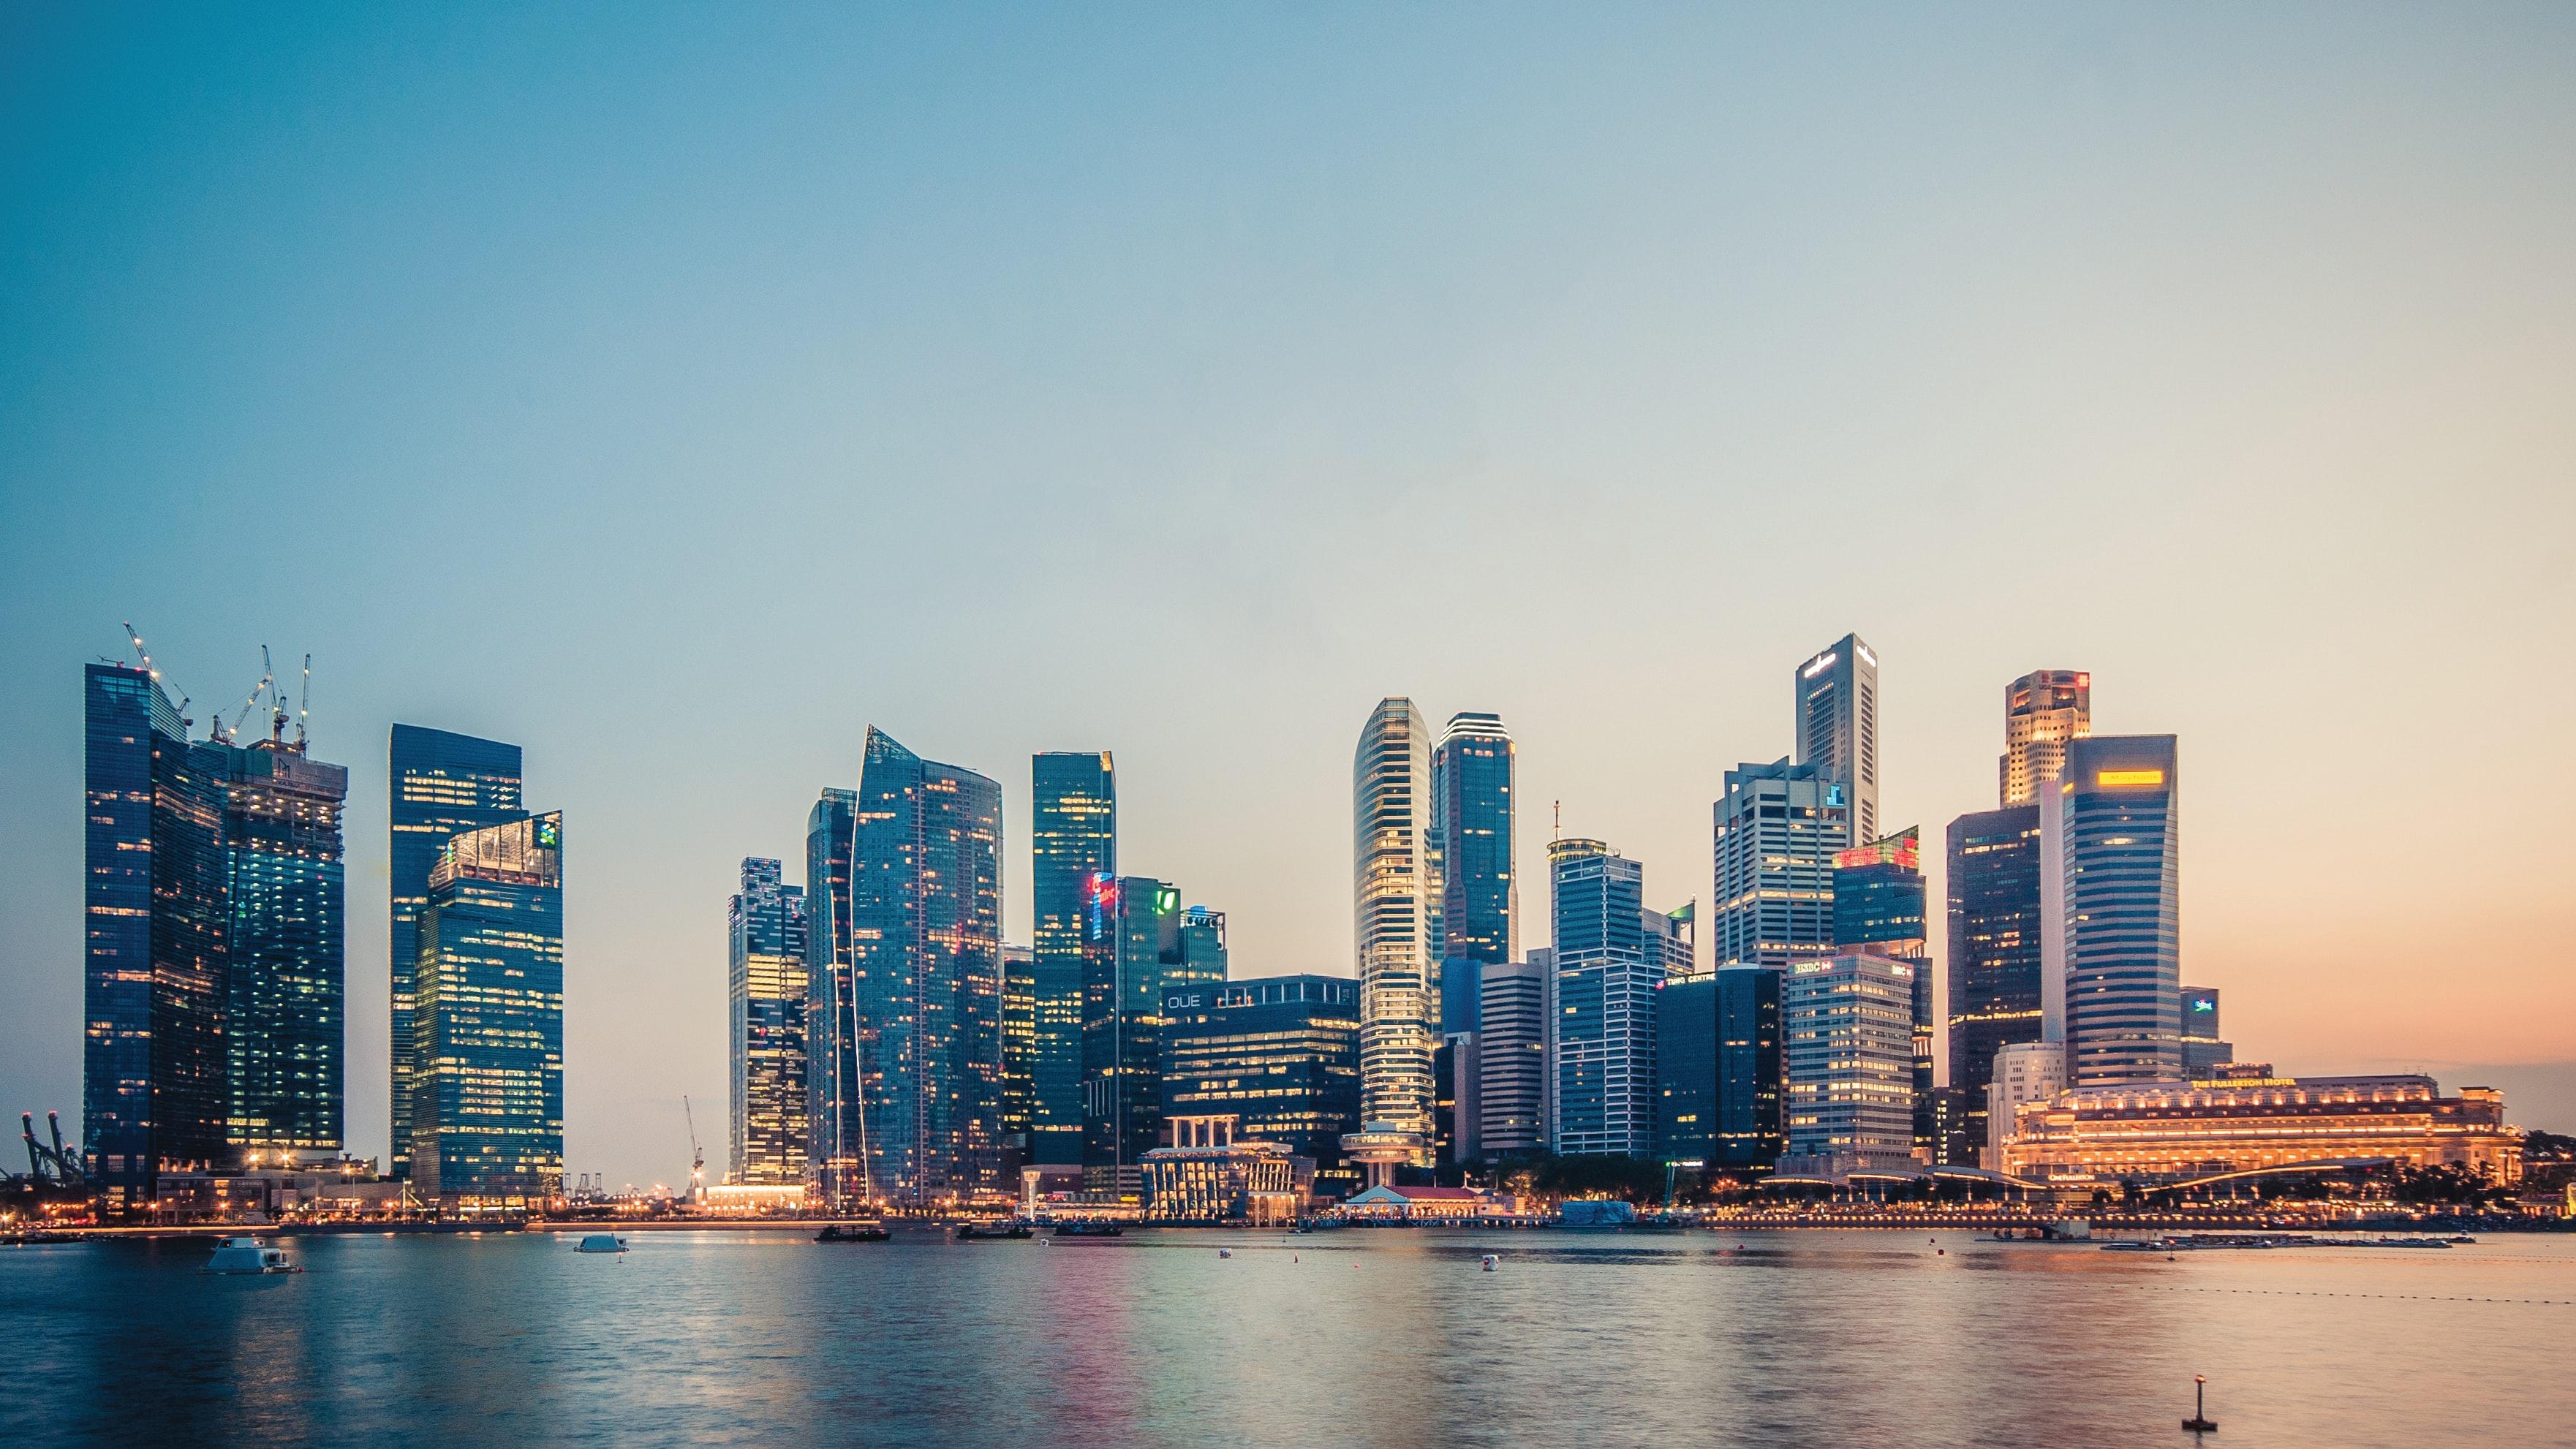 Singapura, uma cidade-Estado que foi exemplo de sucesso na luta contra a Covid-19 / Photo by Peter Nguyen on Unsplash